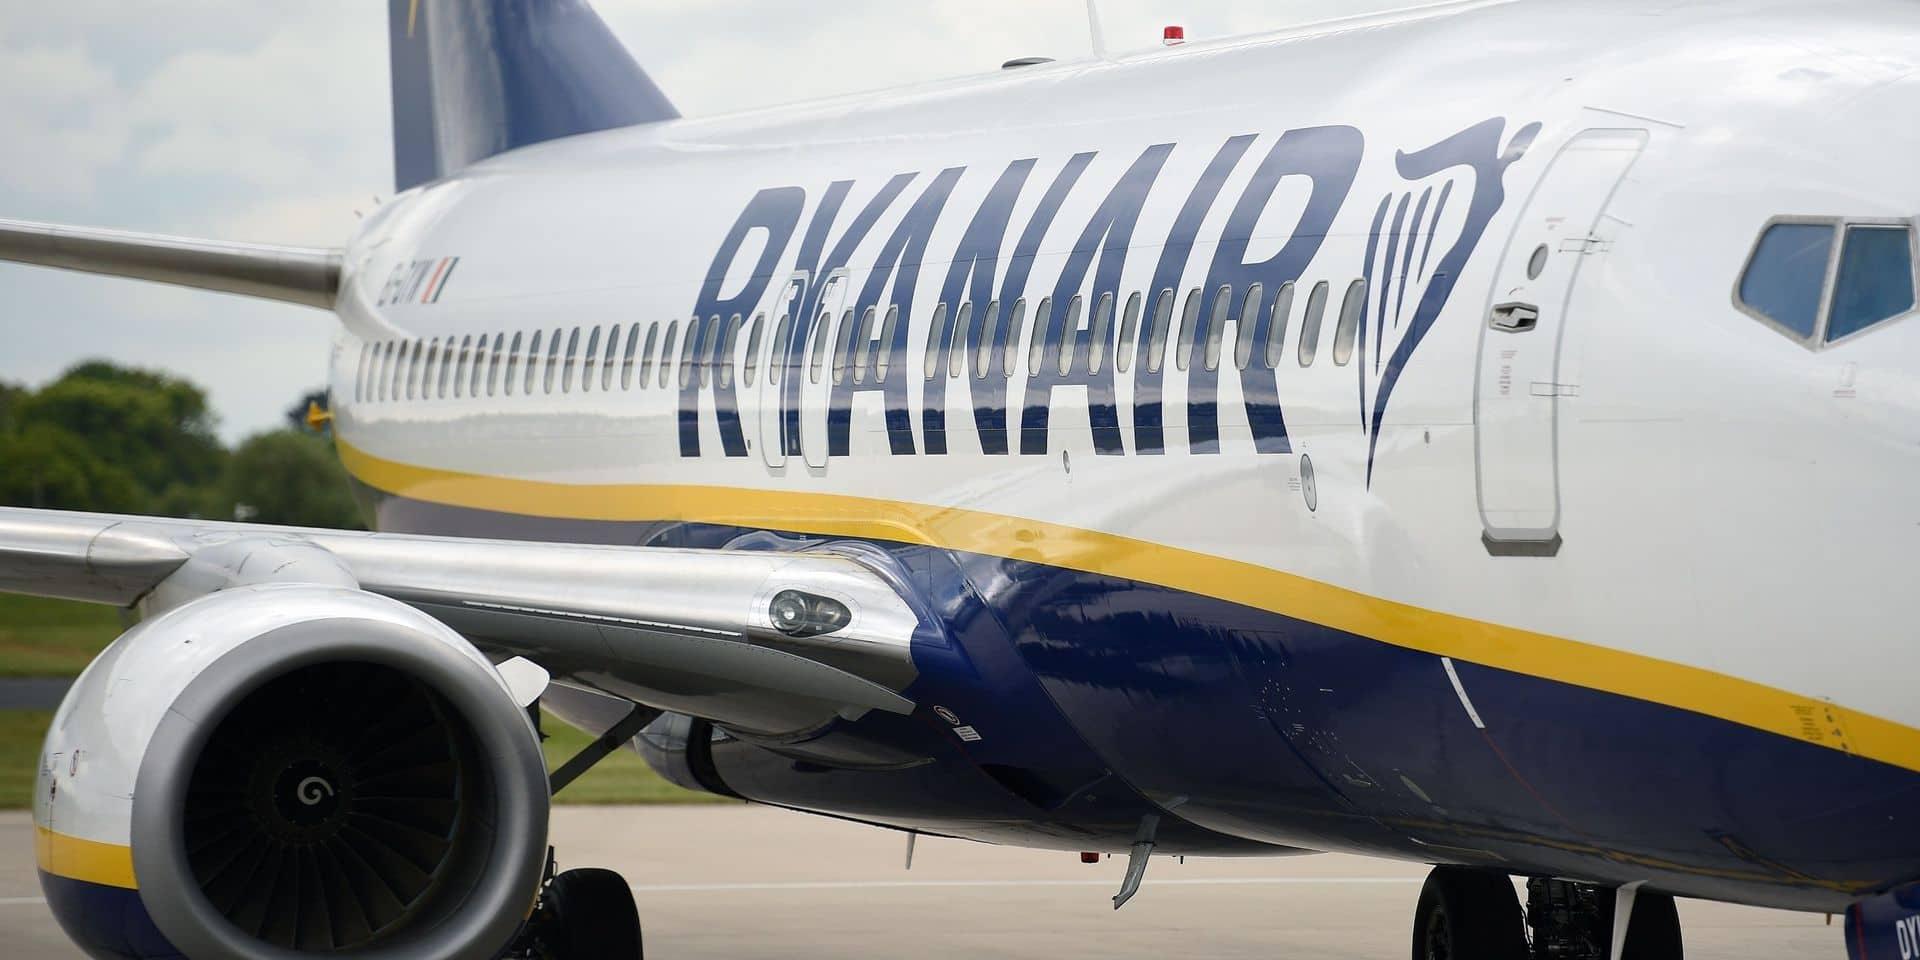 Vous attendez un remboursement de Ryanair? L'entreprise devrait avoir traité tous les dossiers d'ici fin juillet